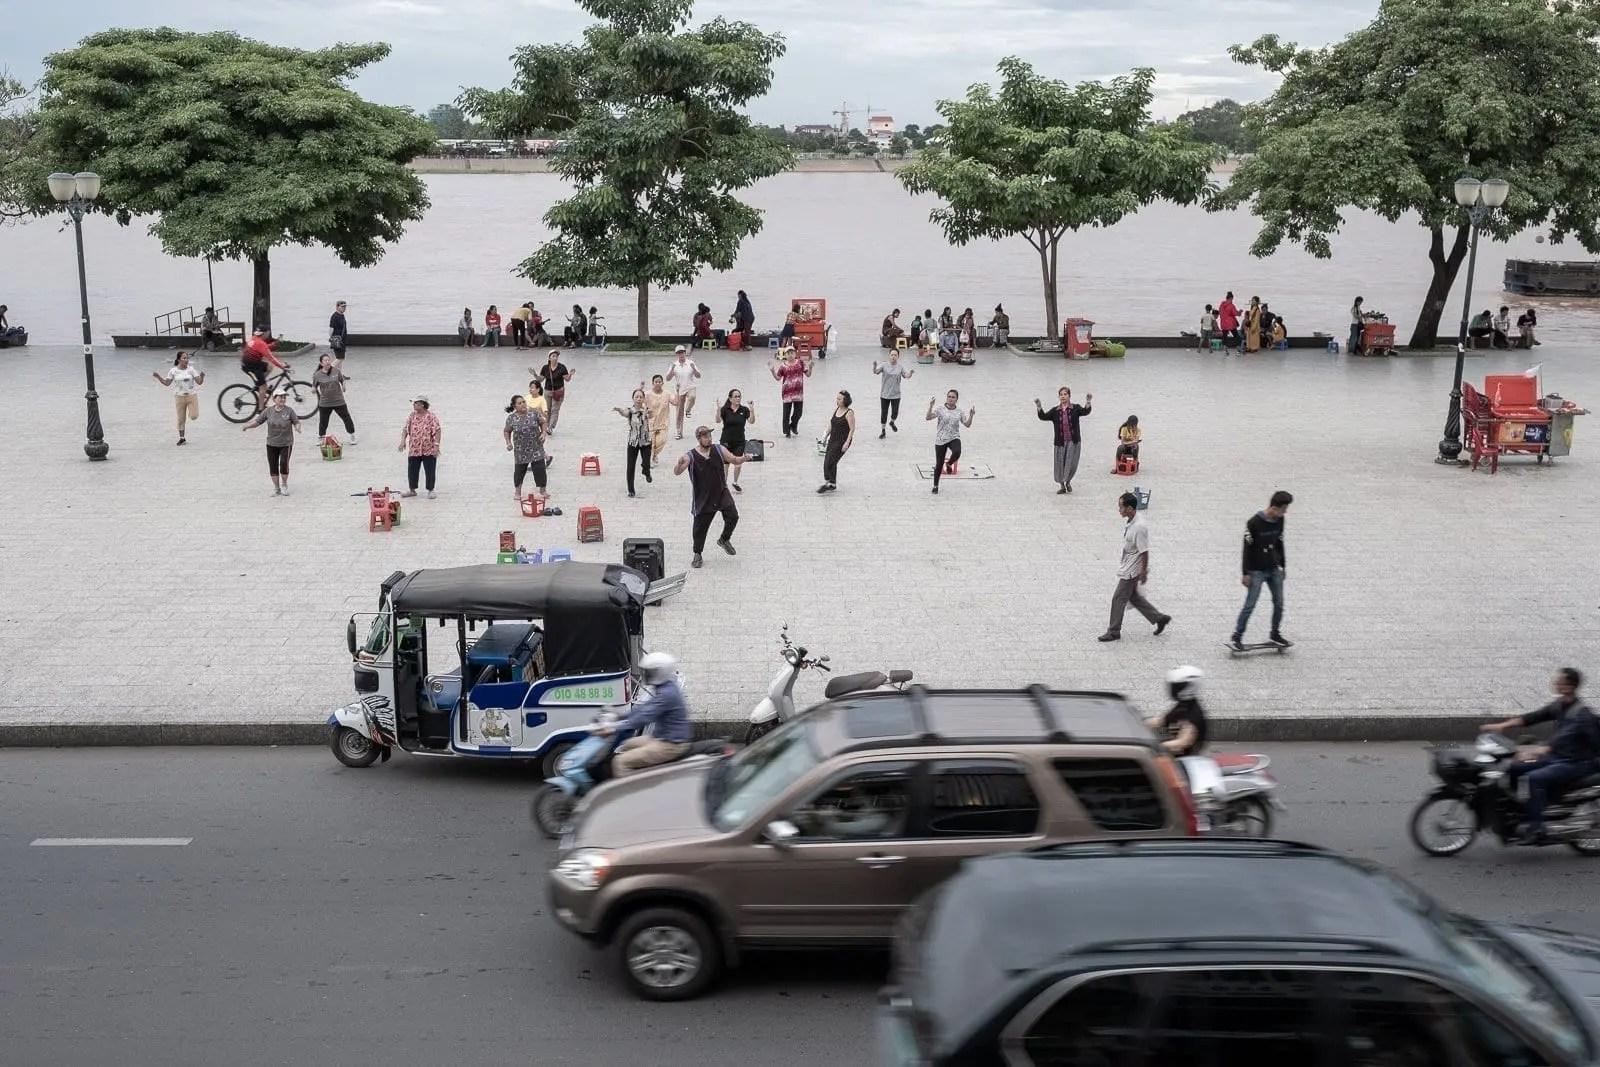 Ginnastica libera a Riverside, Phnom Penh | ©2019, Gabriele Orlini